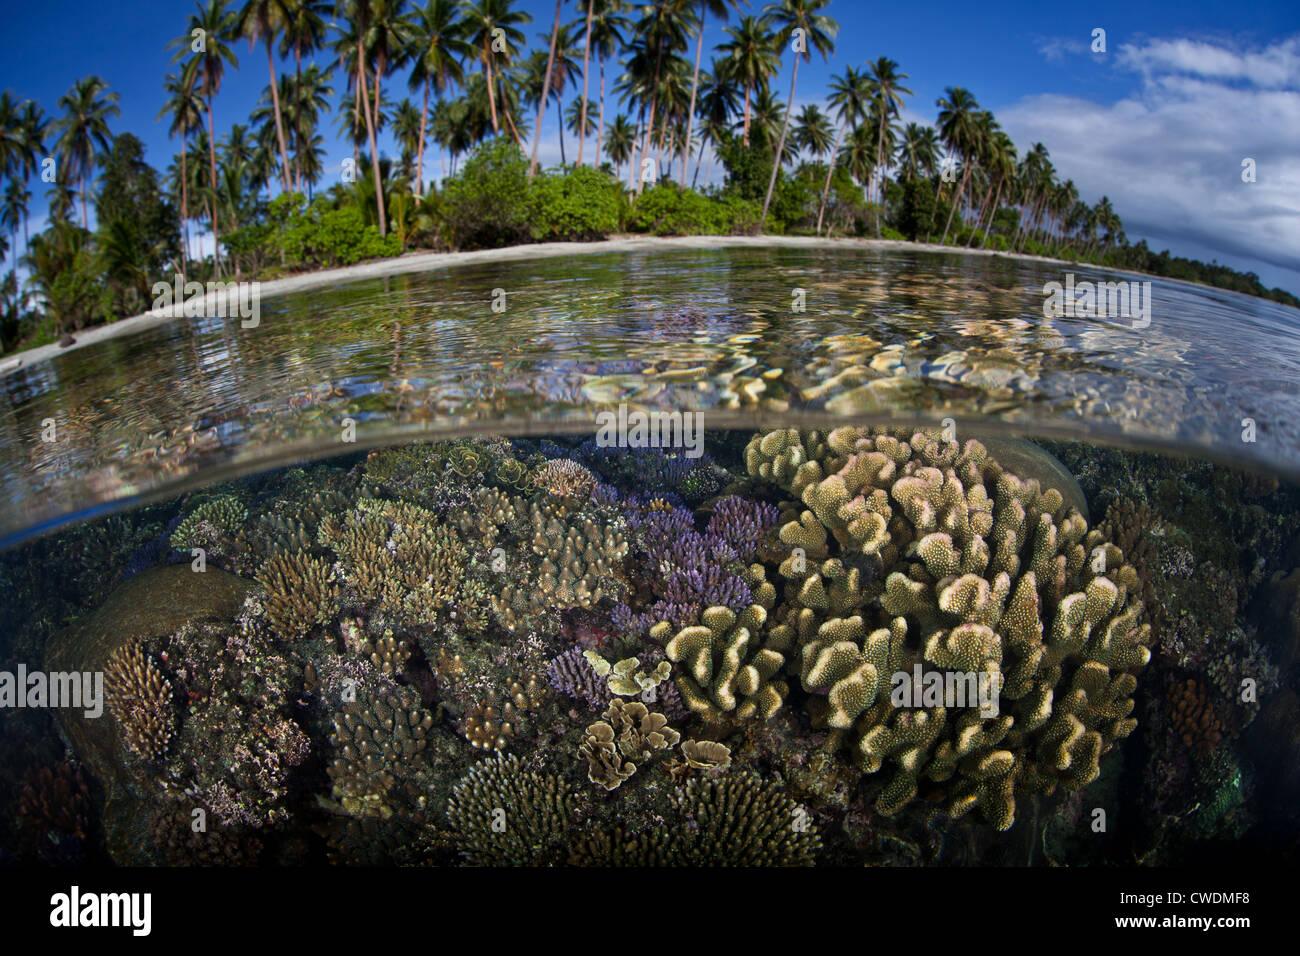 Eine Reihe von robusten Aufbau von Riff-Korallen wachsen in den Untiefen in der Nähe von einem weißen Stockbild